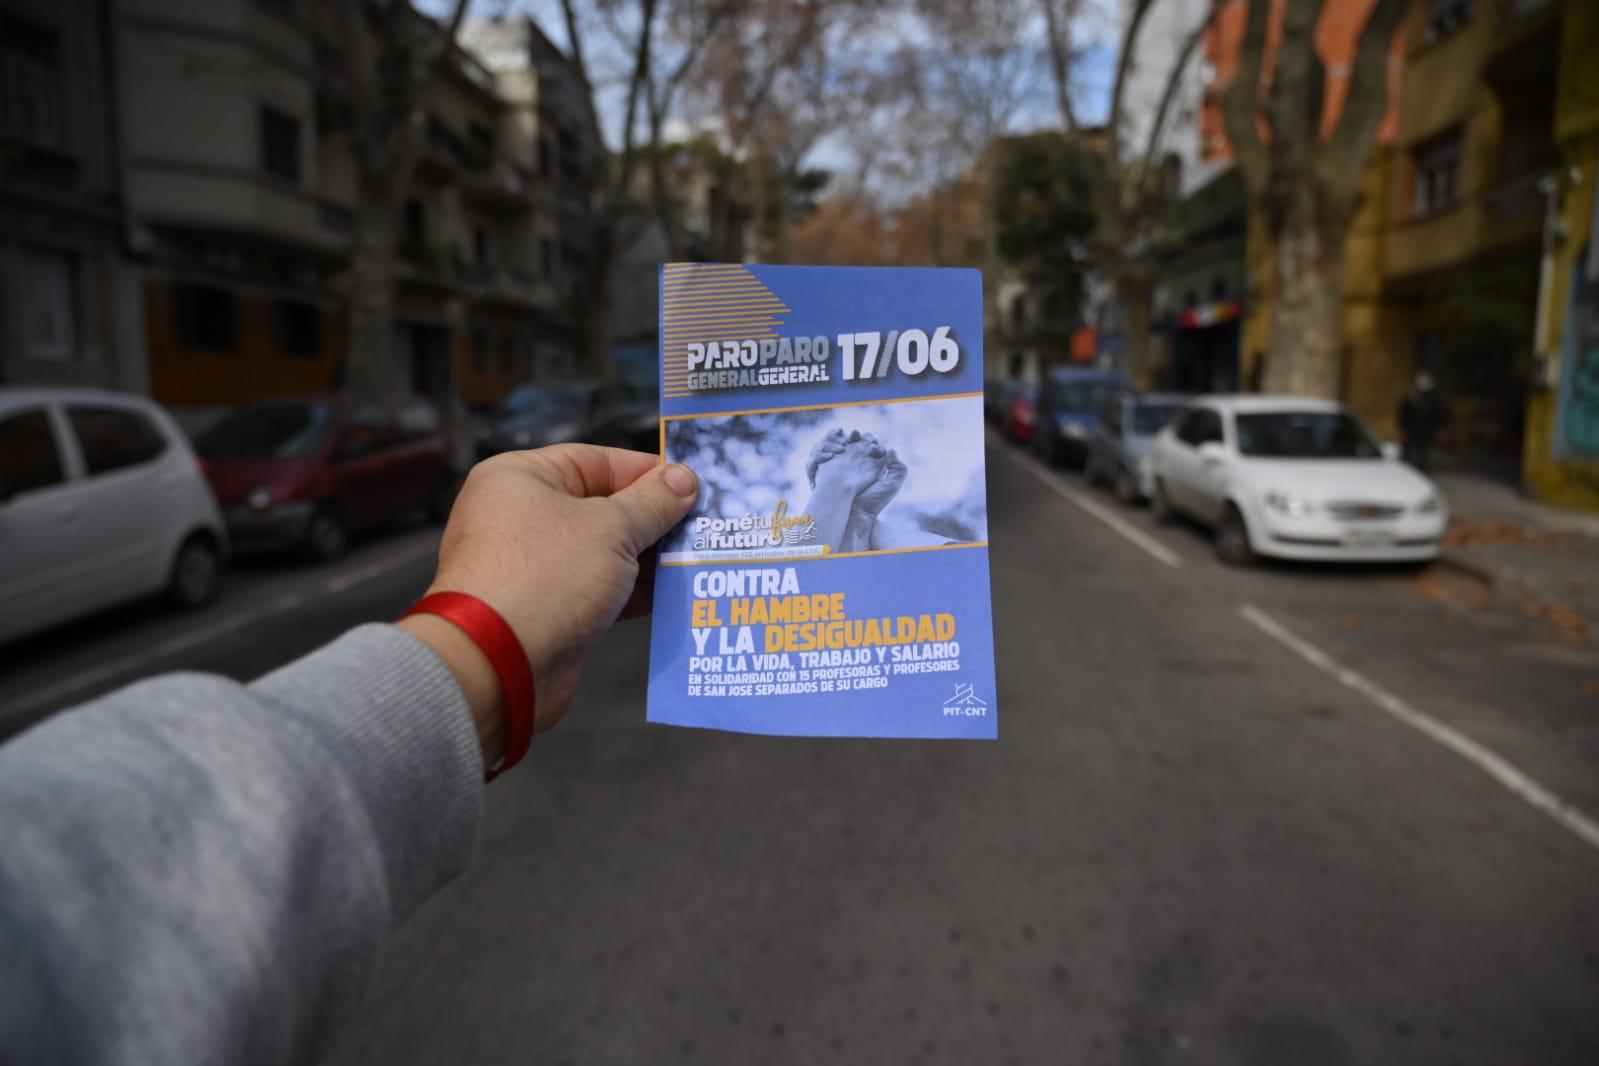 Paro general: Los uruguayos contra el hambre y la desigualdad